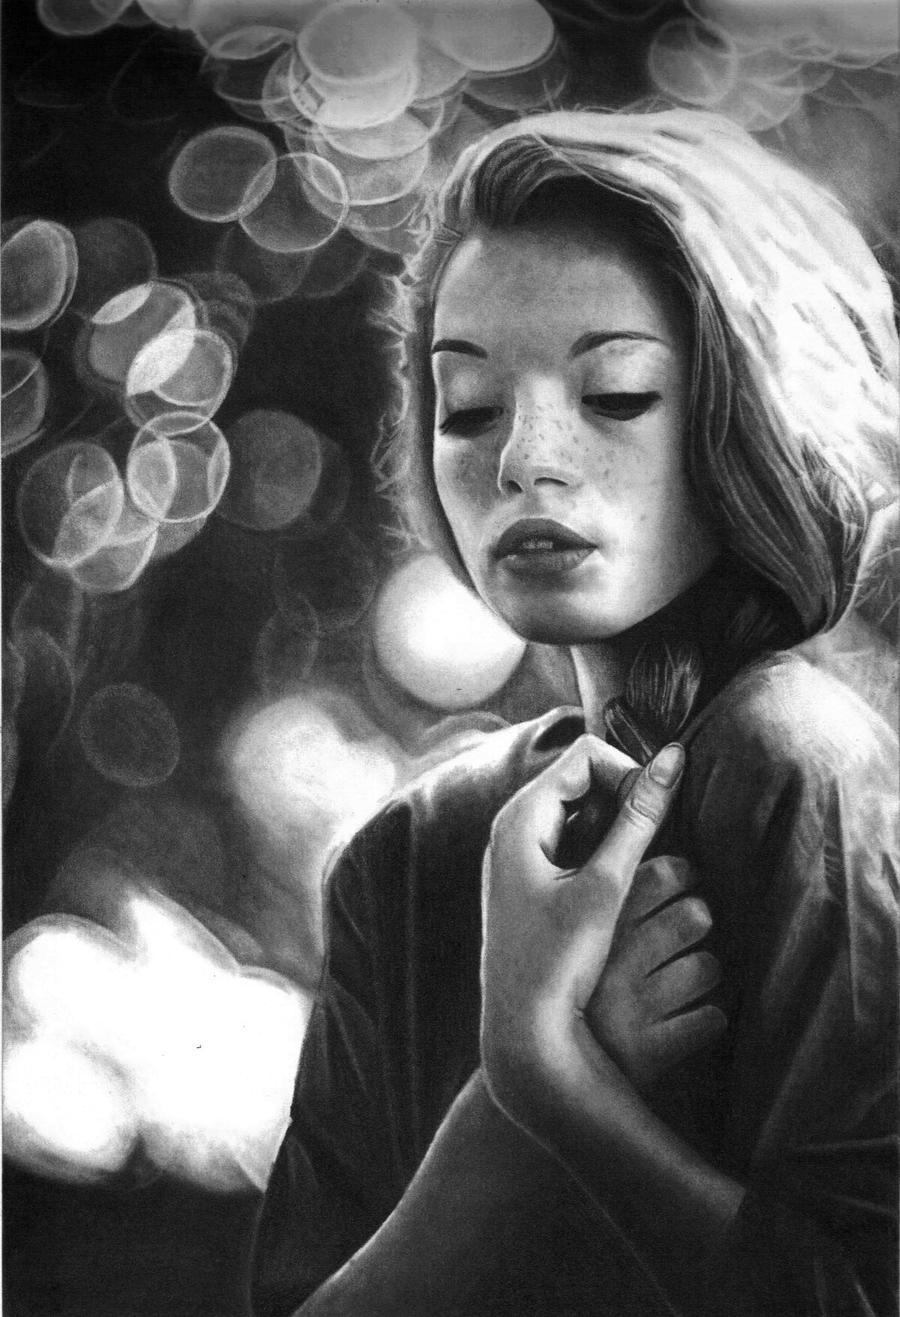 Daria by MrEiss98